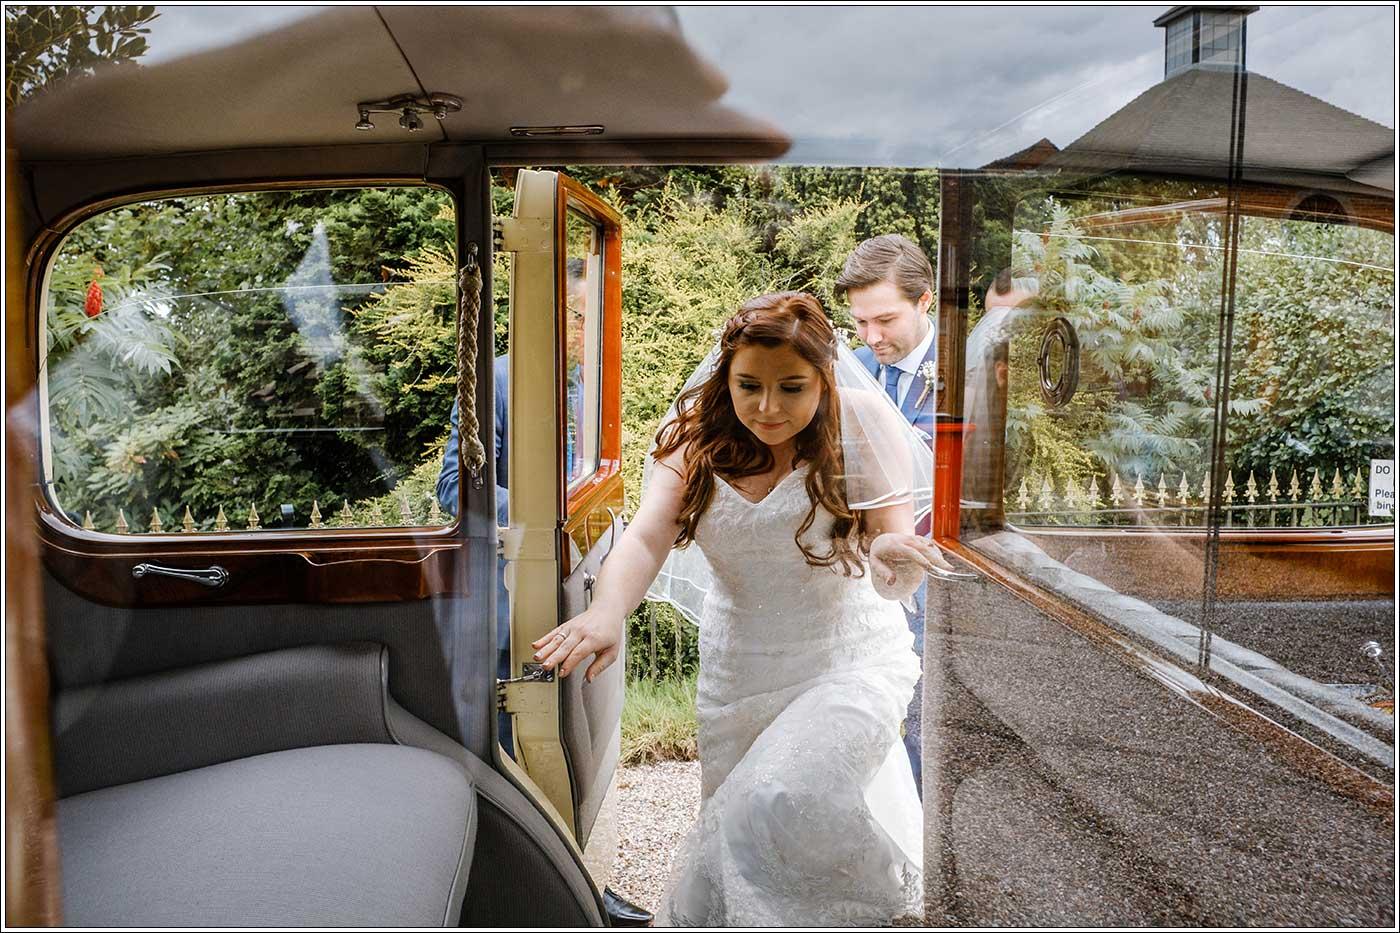 Bride entering bridal car